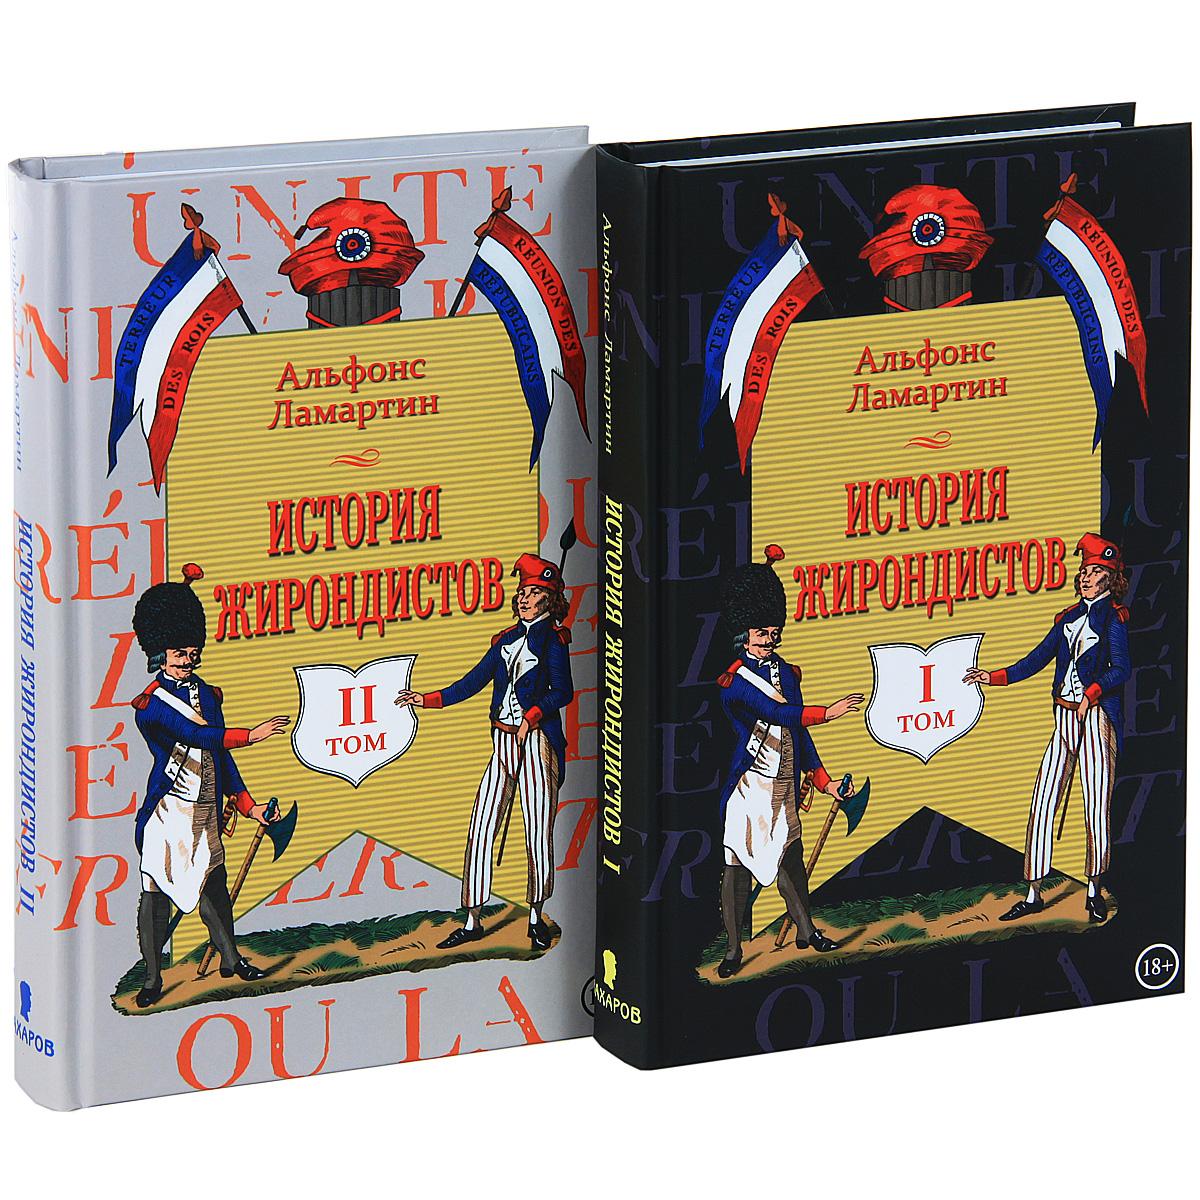 История жирондистов в 2 томах (комплект из 2 книг), Альфонс Ламартин